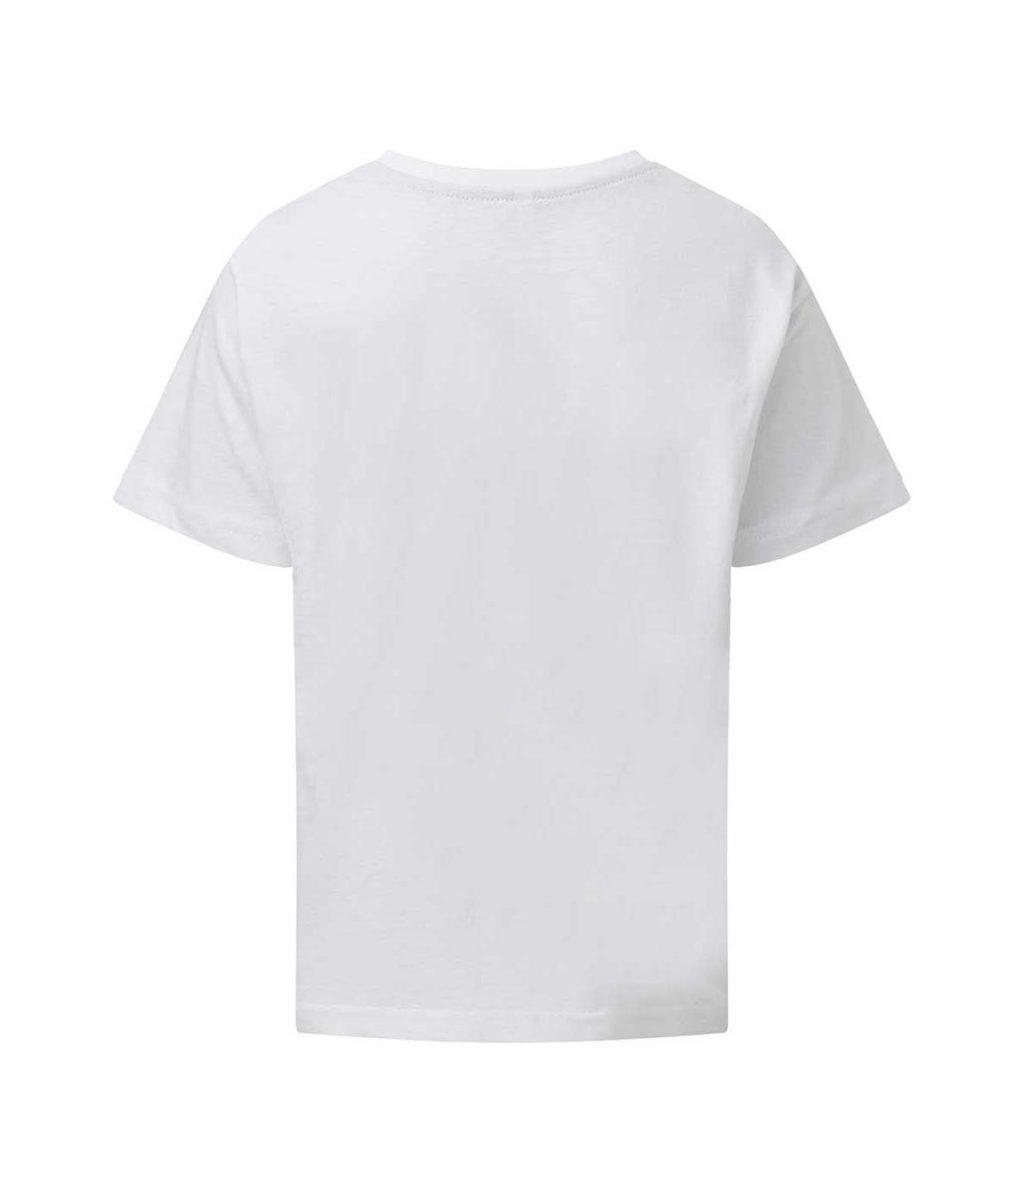 TV07 T-Shirt Kids